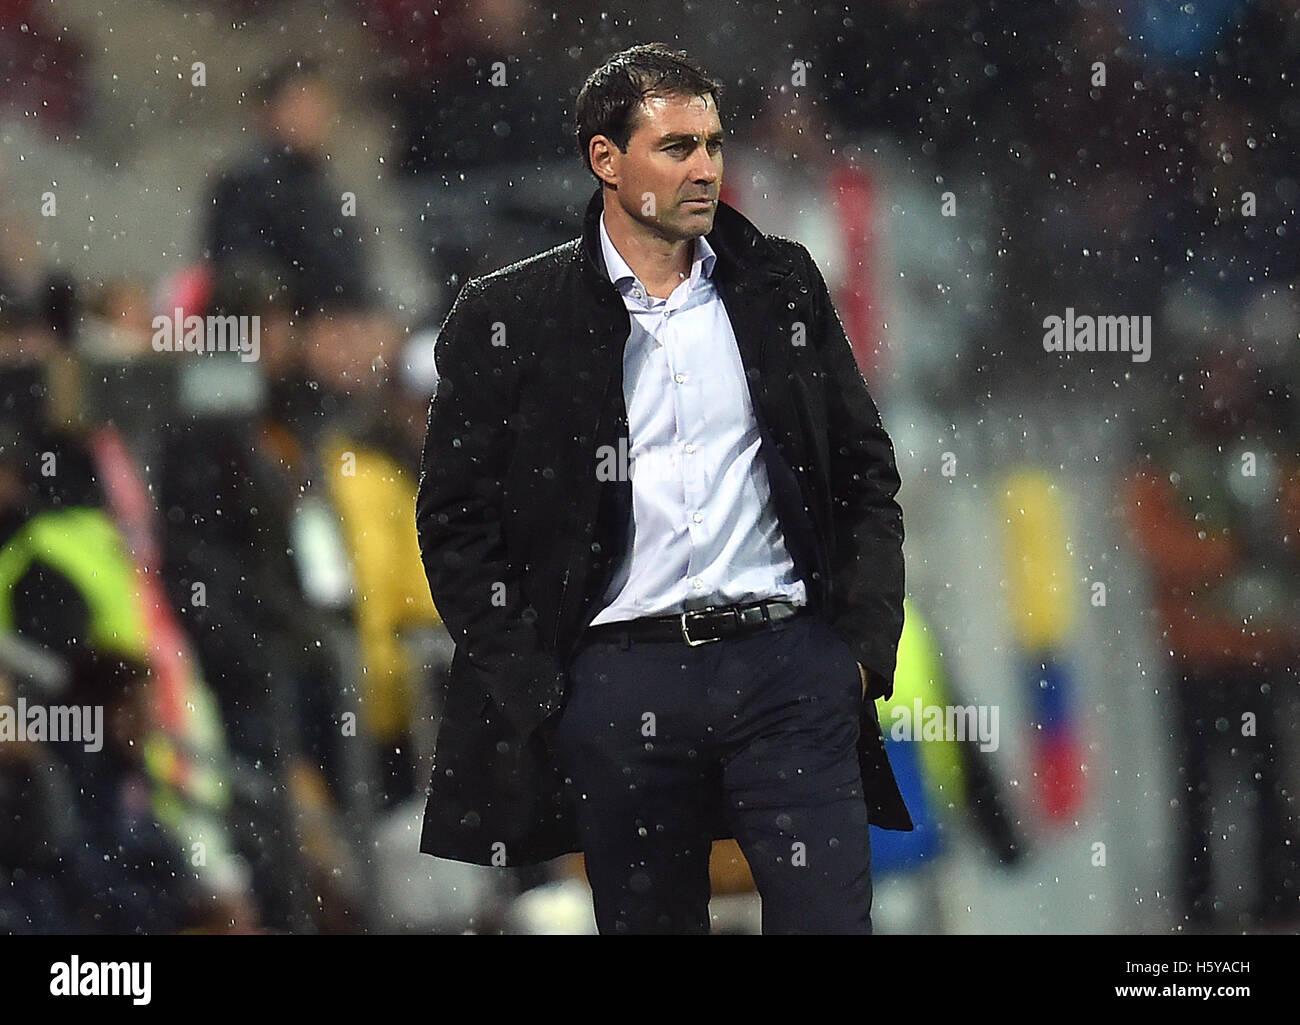 Anderlecht's coach Rene Weiler following the Europa League group phase match between FSV Mainz 05 and RSC Anderlecht - Stock Image